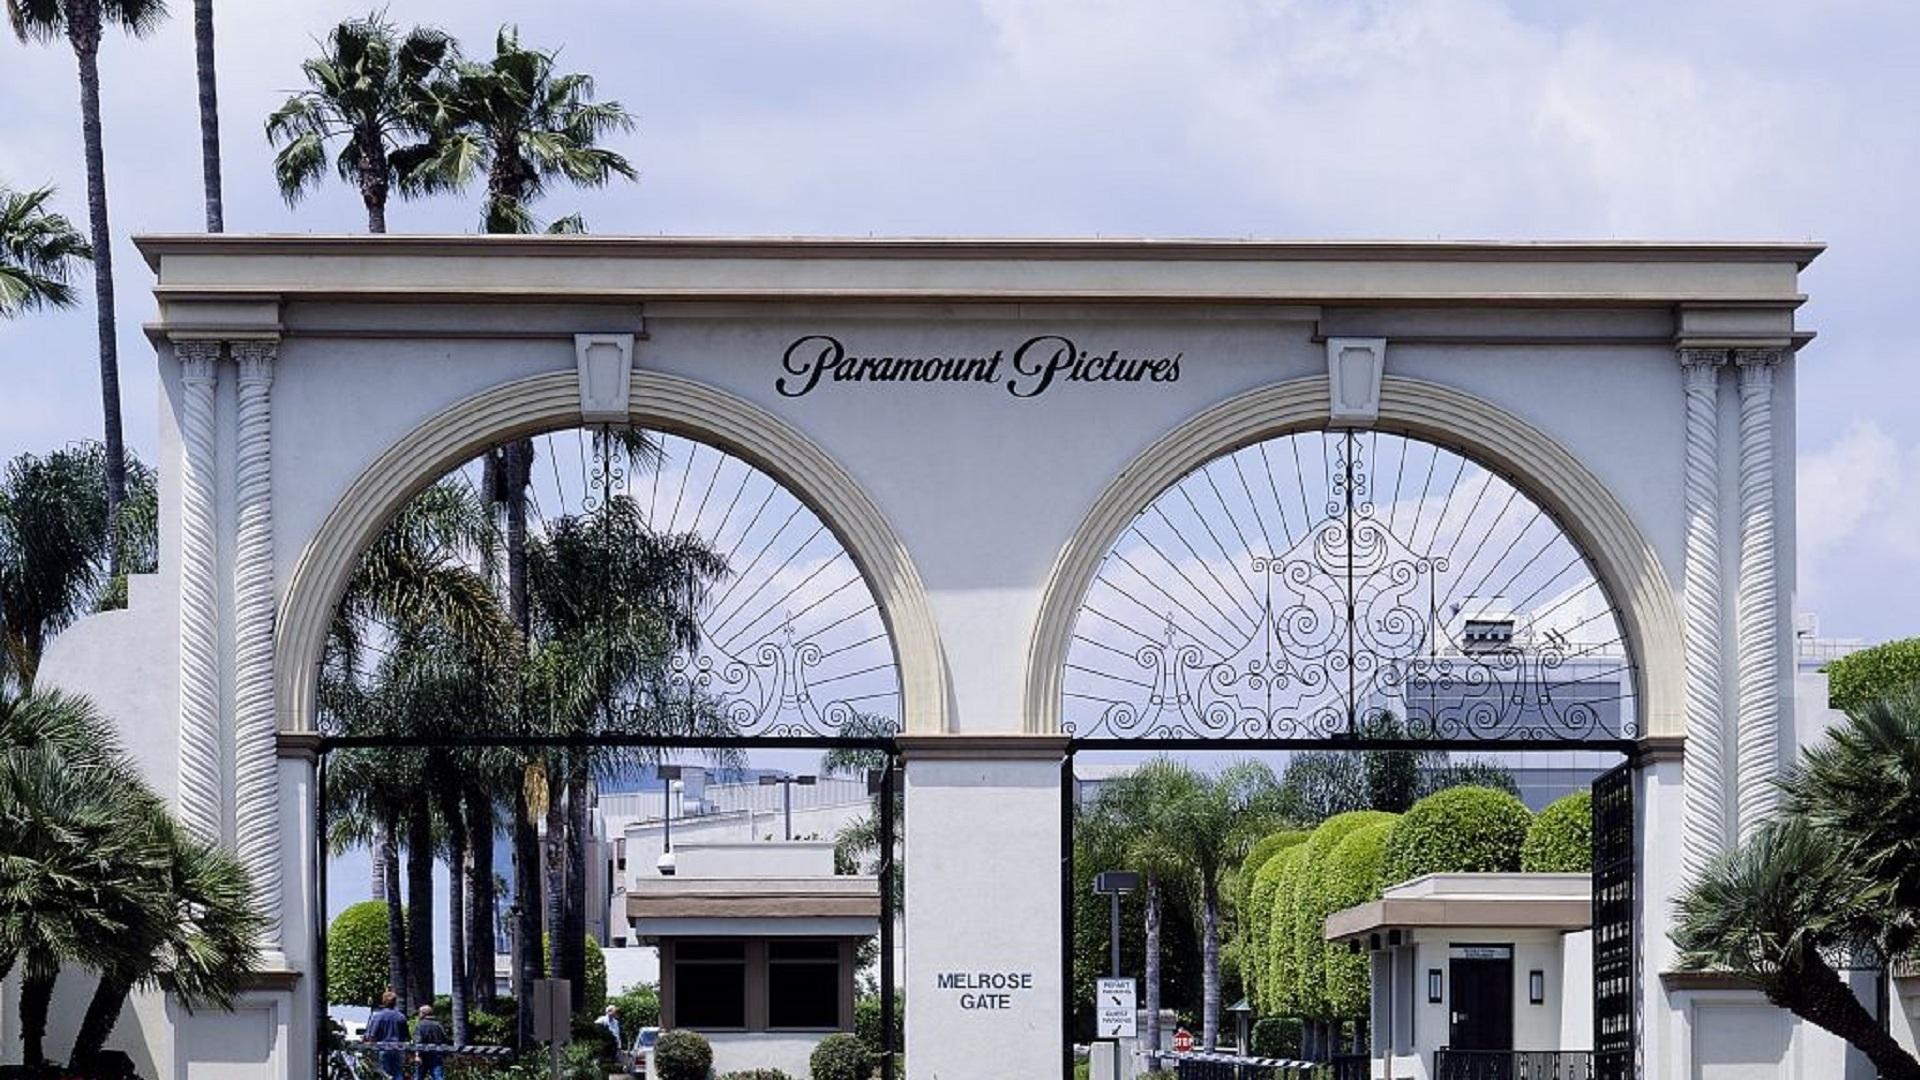 Paramount Pictures   Paramount Pictures är det enda filmhuset som rent geografiskt ligger i Hollywood, Los Angeles. Filmbolaget bildades redan 1912 och har skapat några av historiens mest kända filmer. Gudfadern, Top Gun, Forrest Gump, Iron Man och den ikoniska TV-serien MacGyver är alla producerade av just Paramount Pictures. Bolaget arrangerar dessutom turer i deras studios.